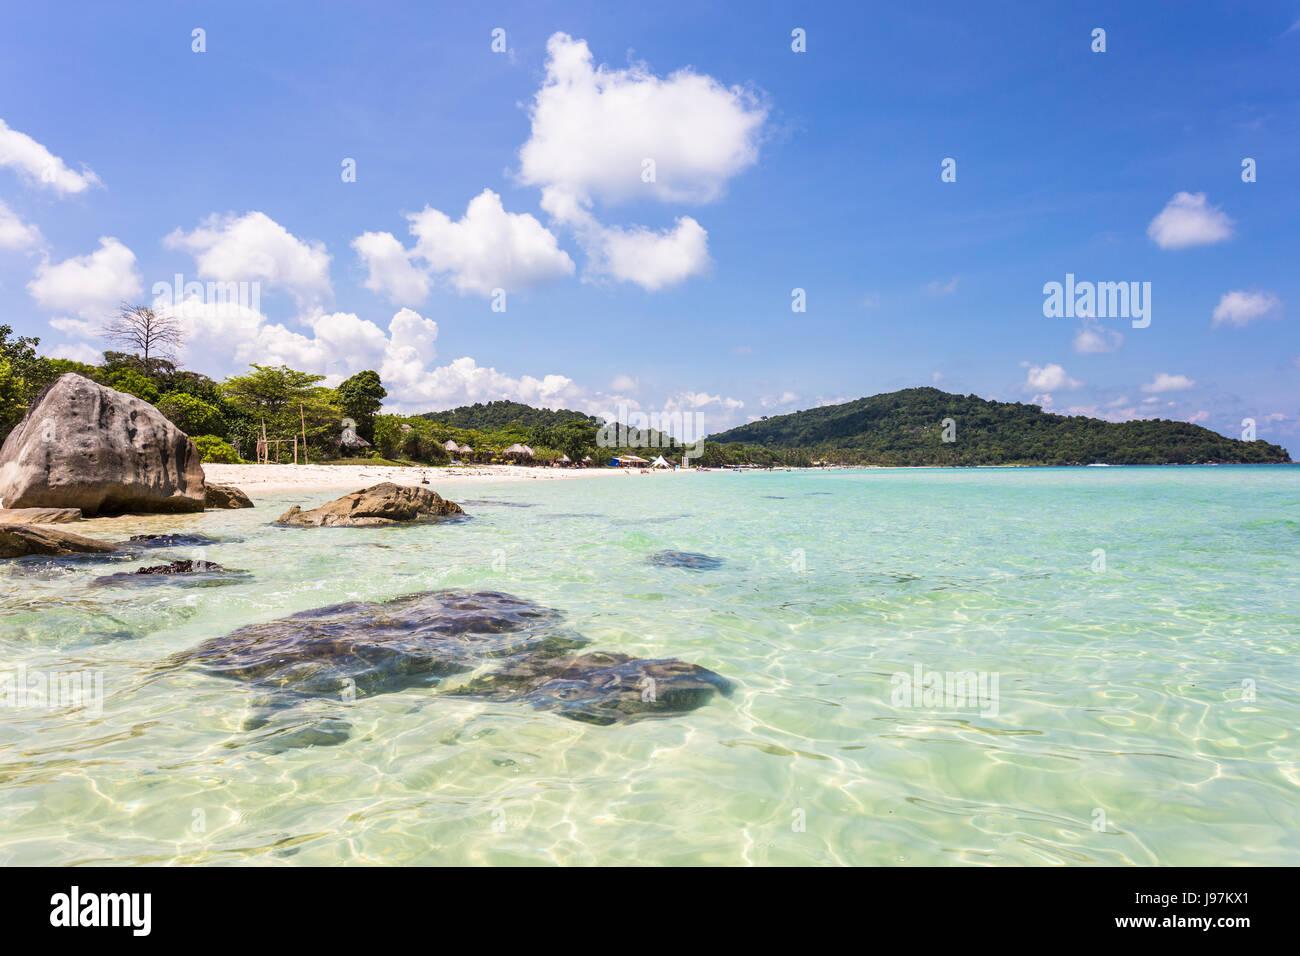 Bai Sao beach idyllique, ce qui signifie le sable blanc, dans la célèbre île de Phu Quoc dans le golfe de Thaïlande Banque D'Images